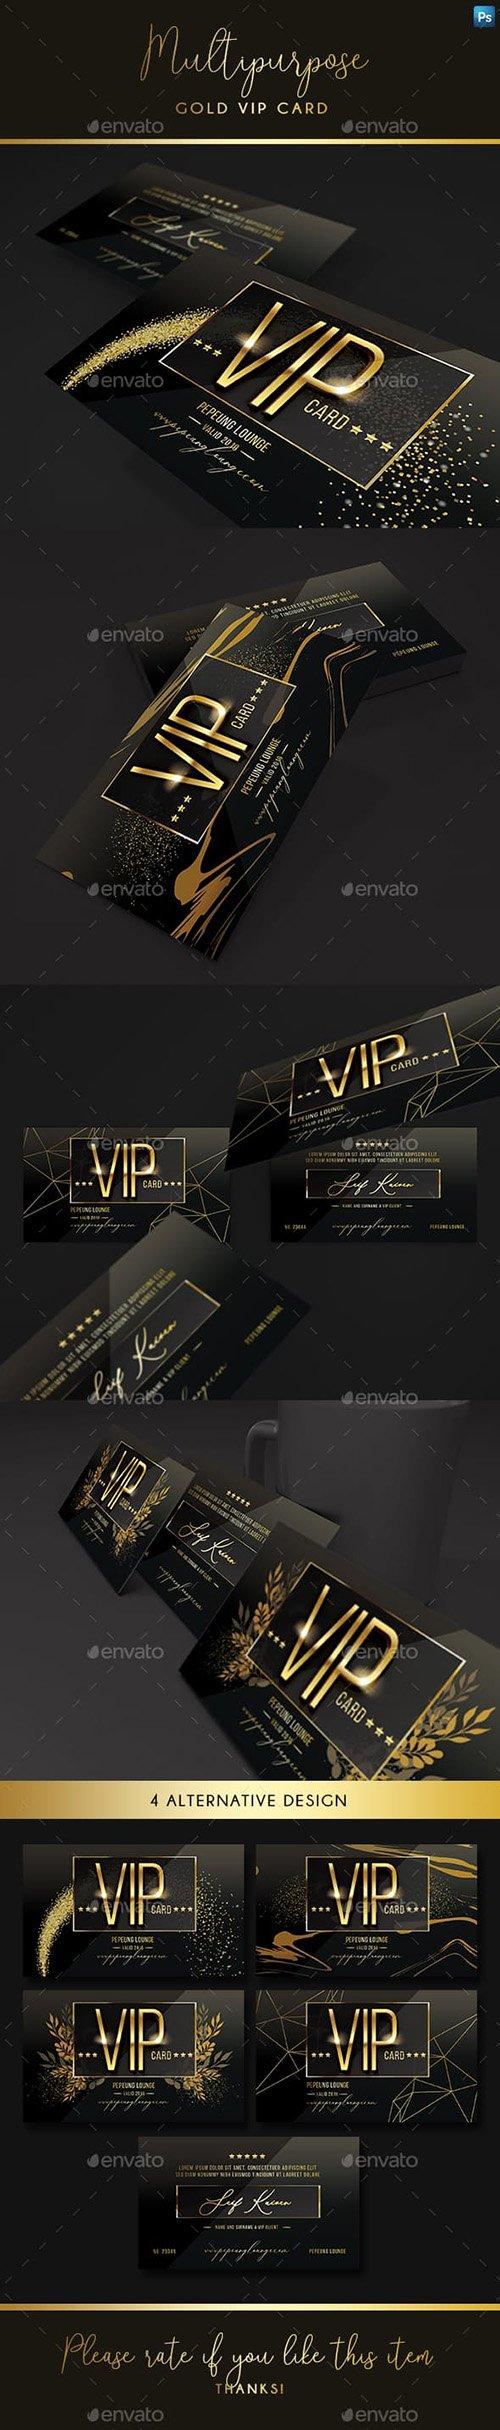 GraphicRiver - Multipurpose Gold Vip Card 23160930